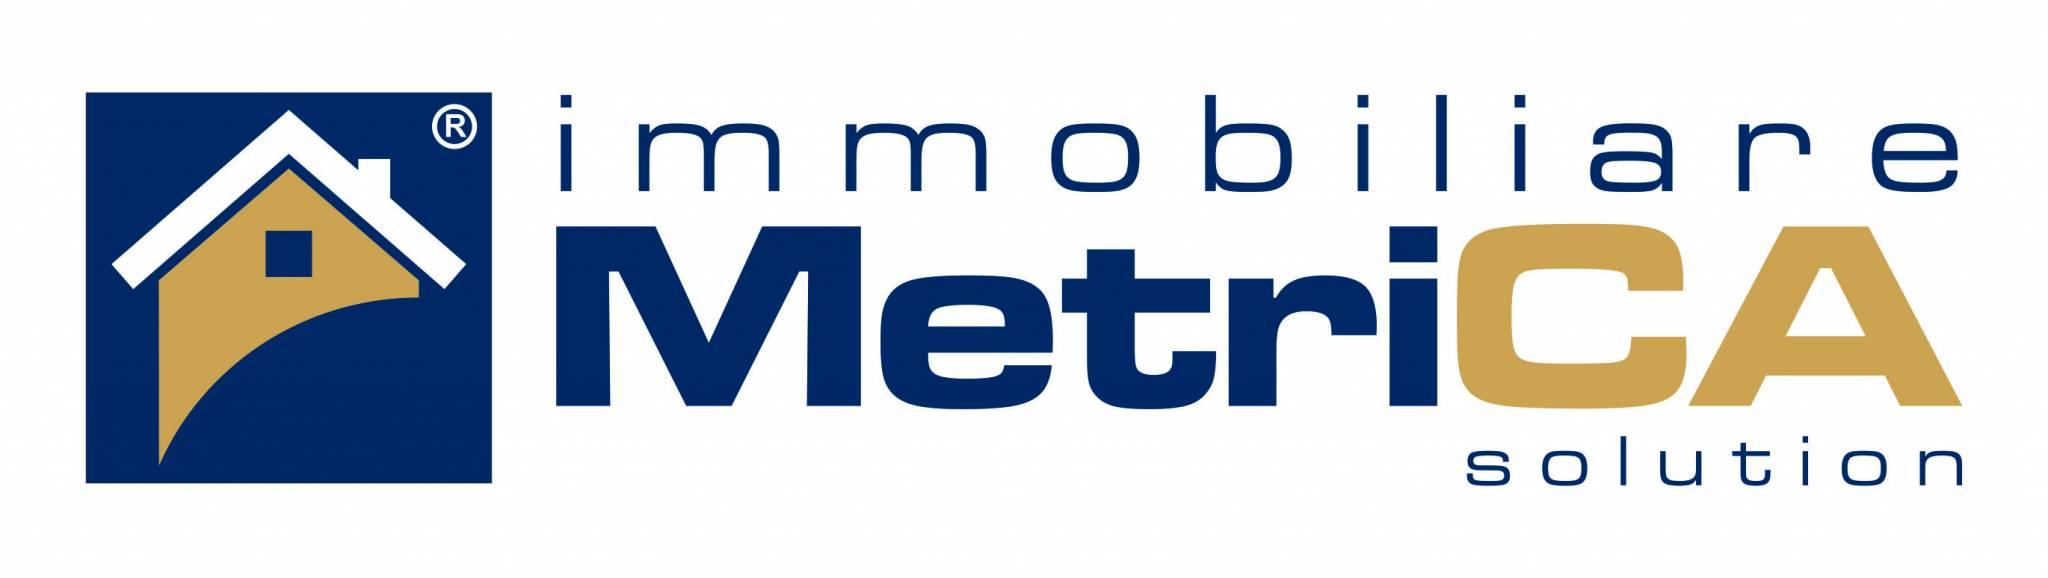 IMMOBILIARE METRICA STUDIO DEL CORSO